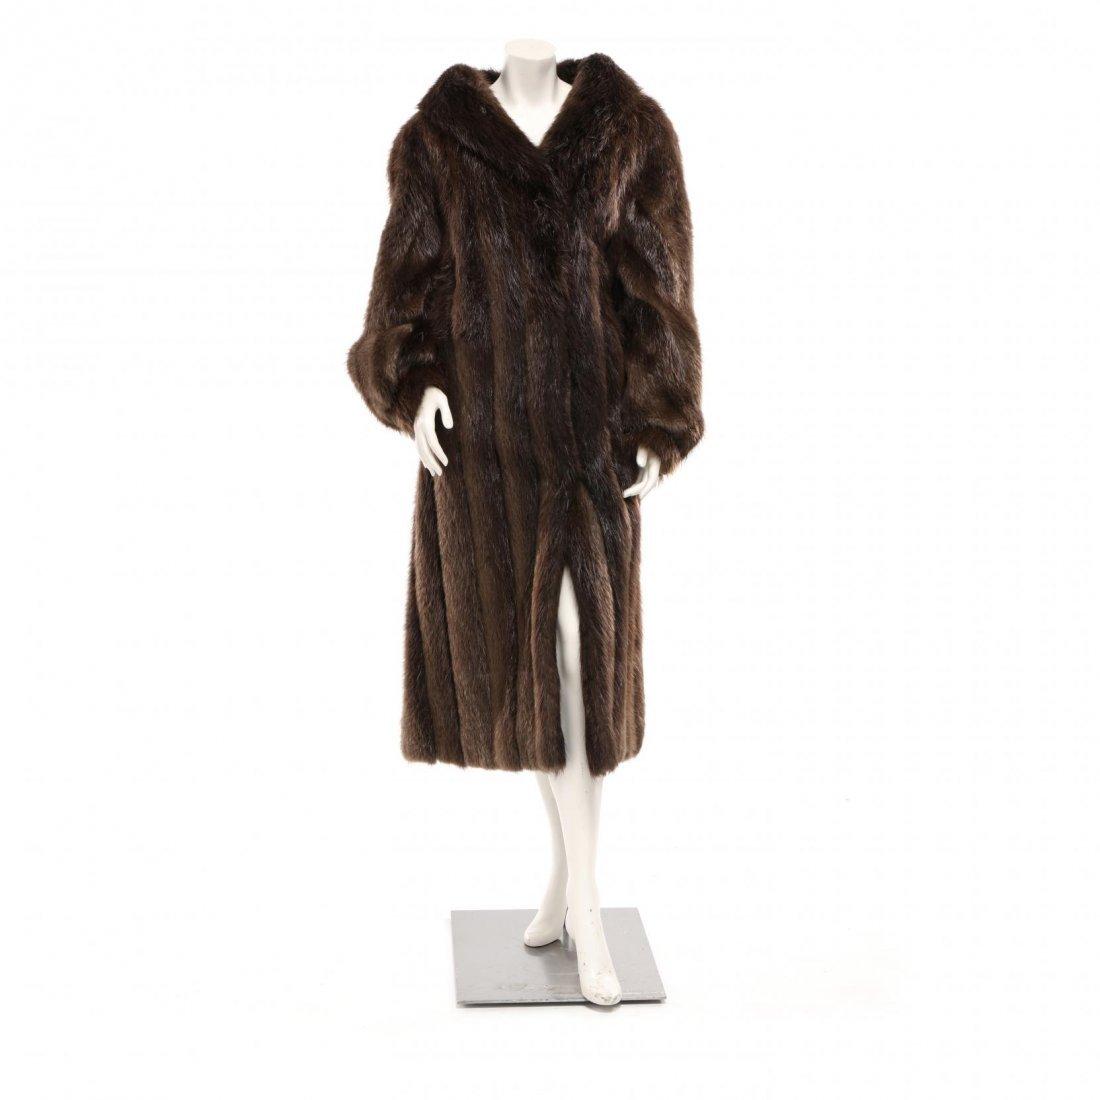 Vintage Full Length Raccoon Coat